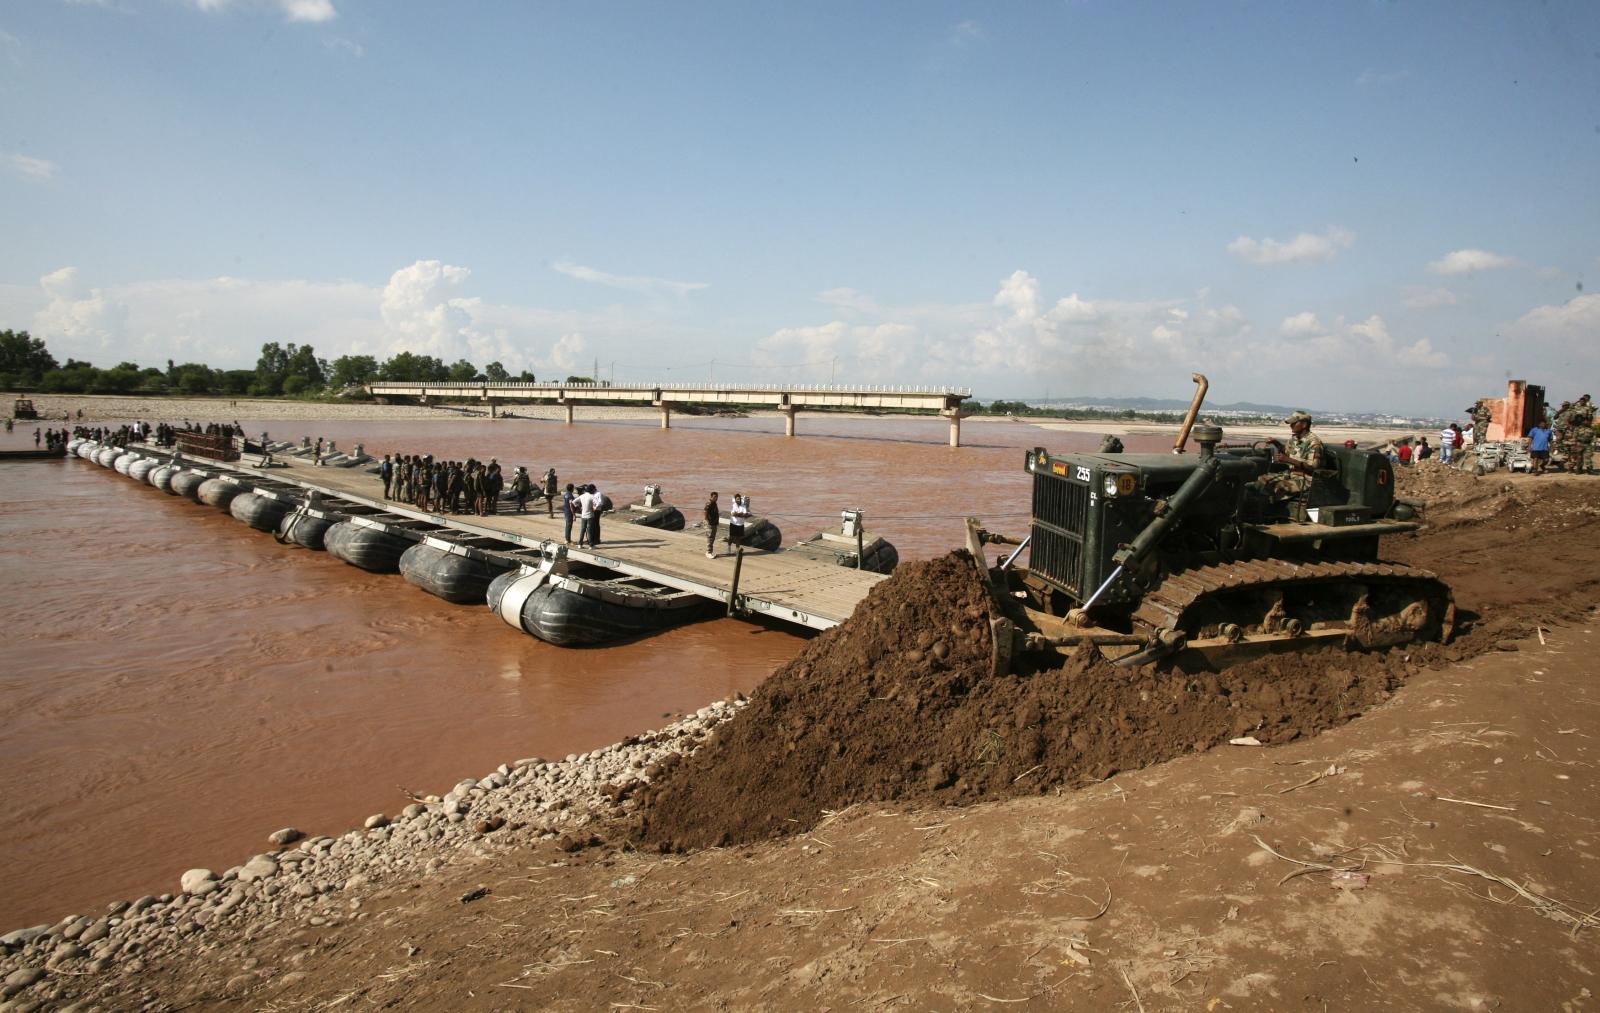 FLOODS.BRIDGE